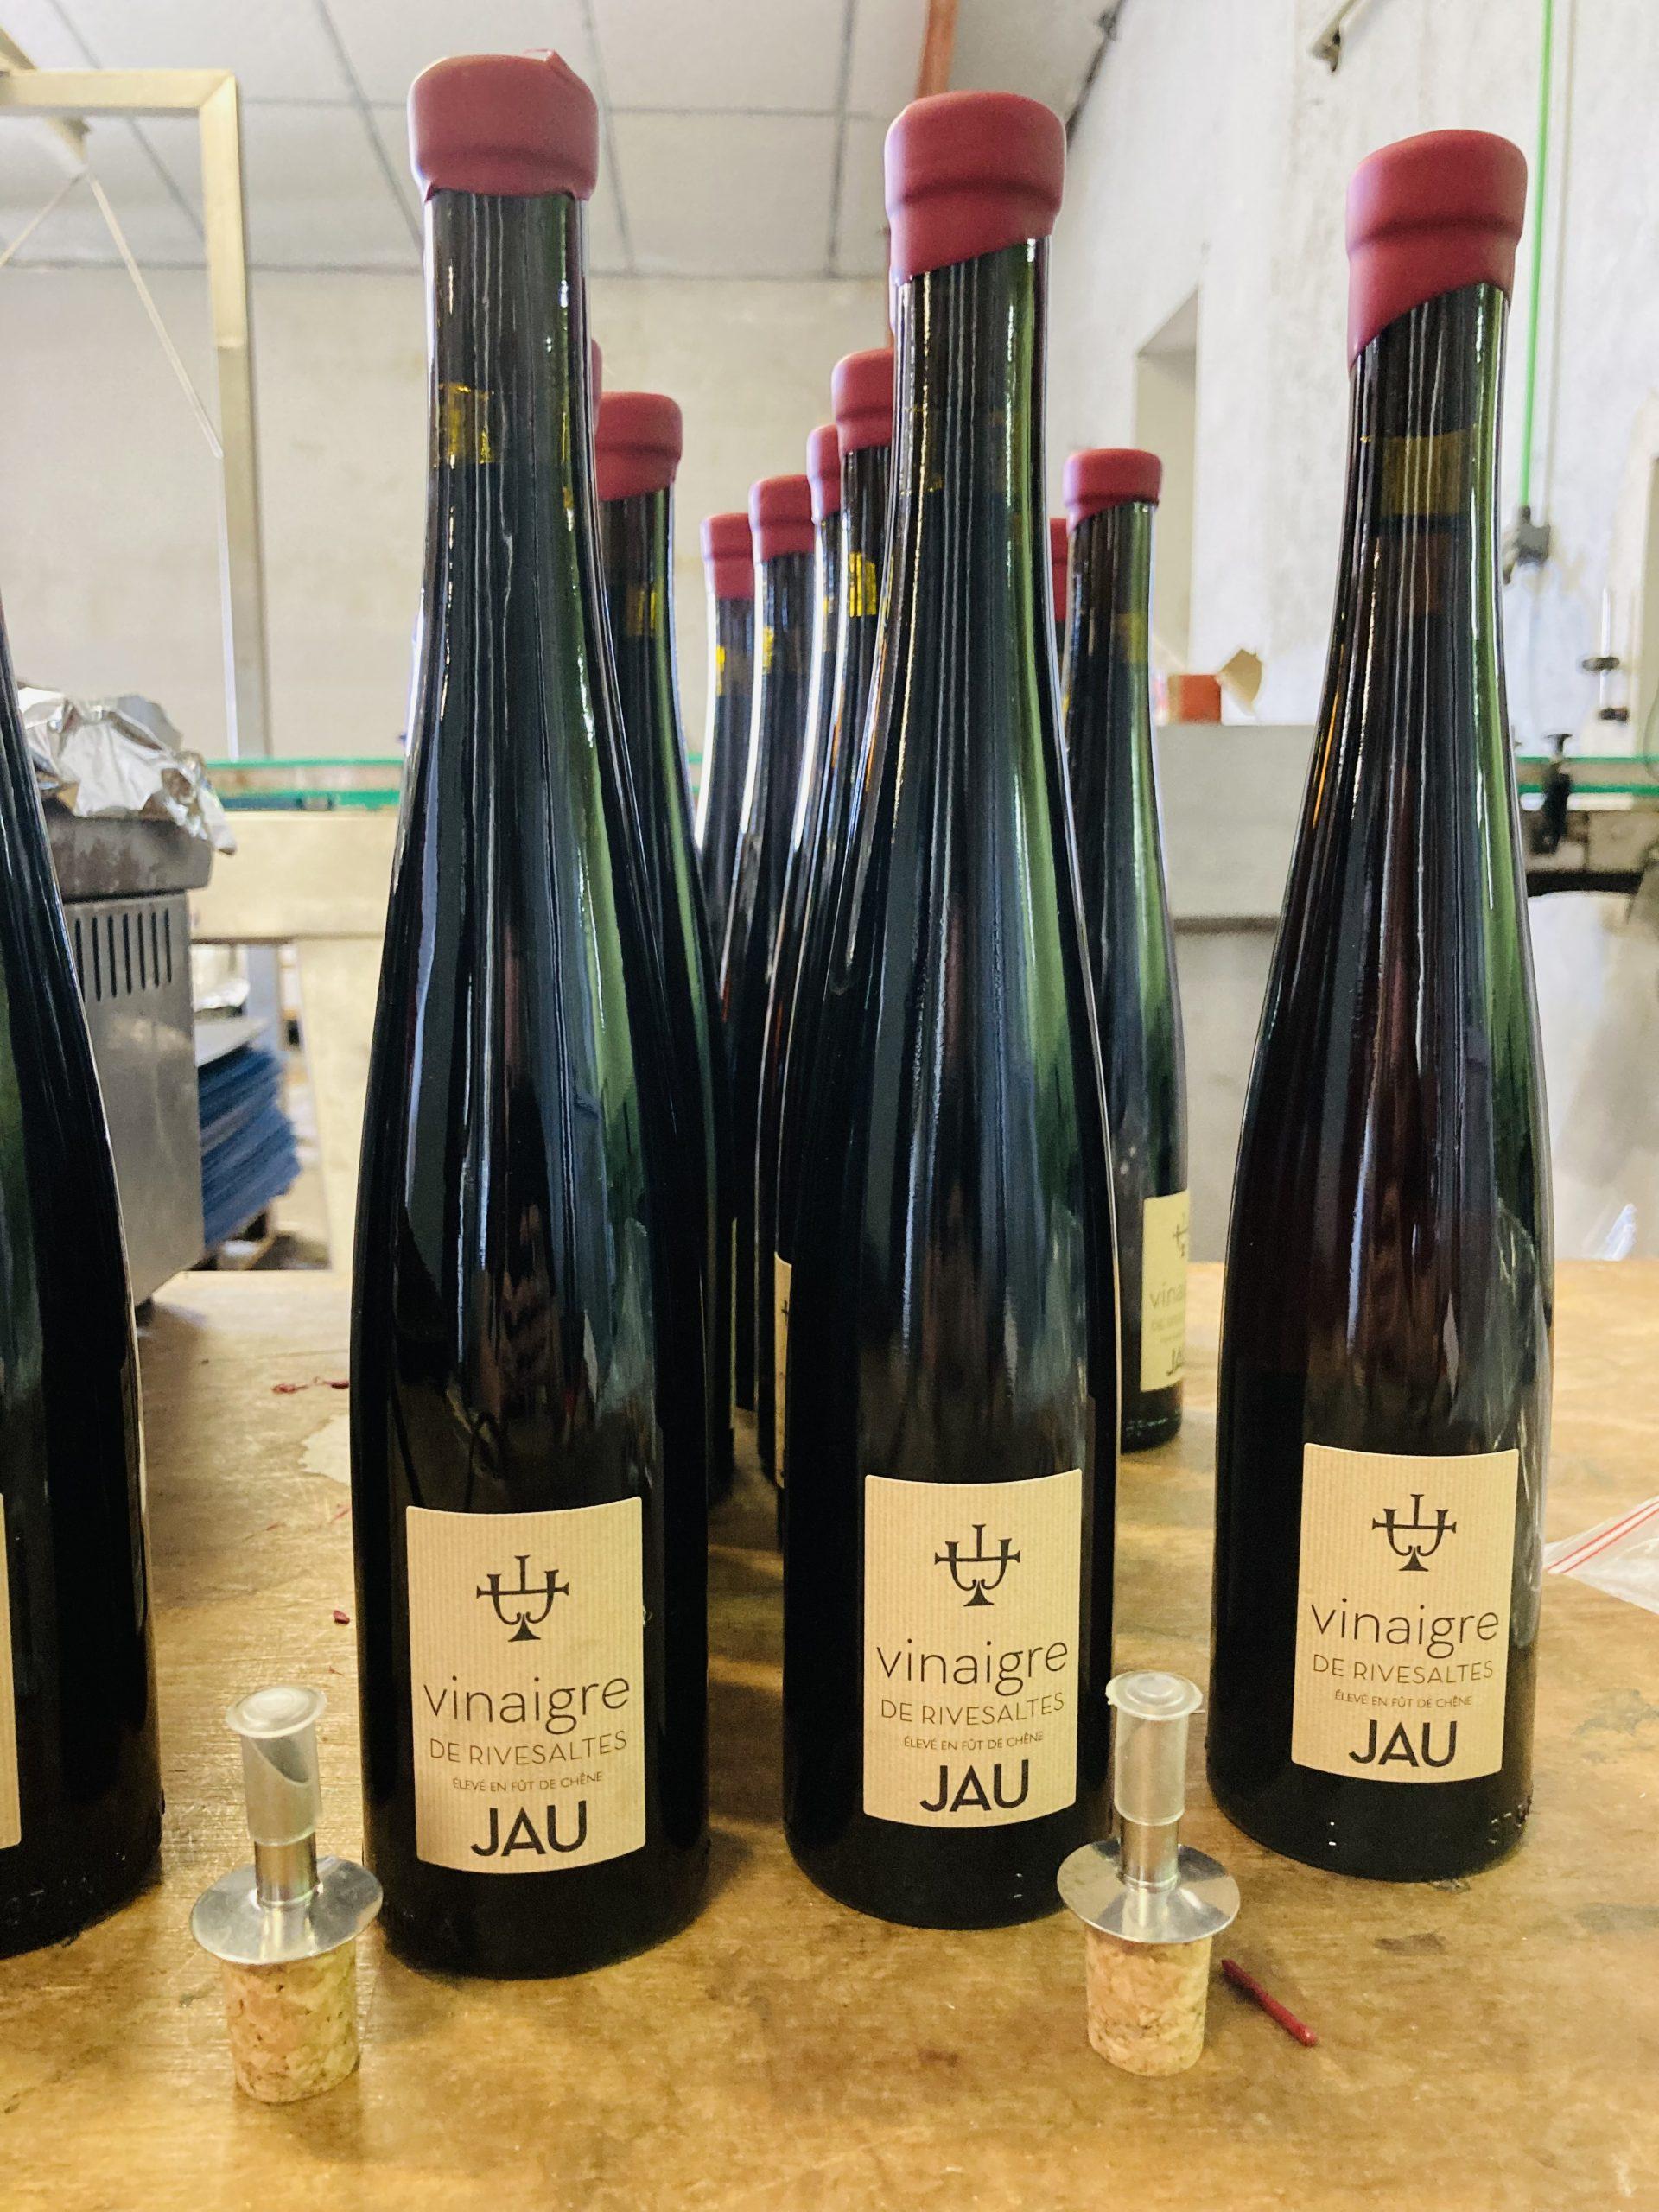 Mise en bouteille vinaigre de Rivesaltes chez Jau